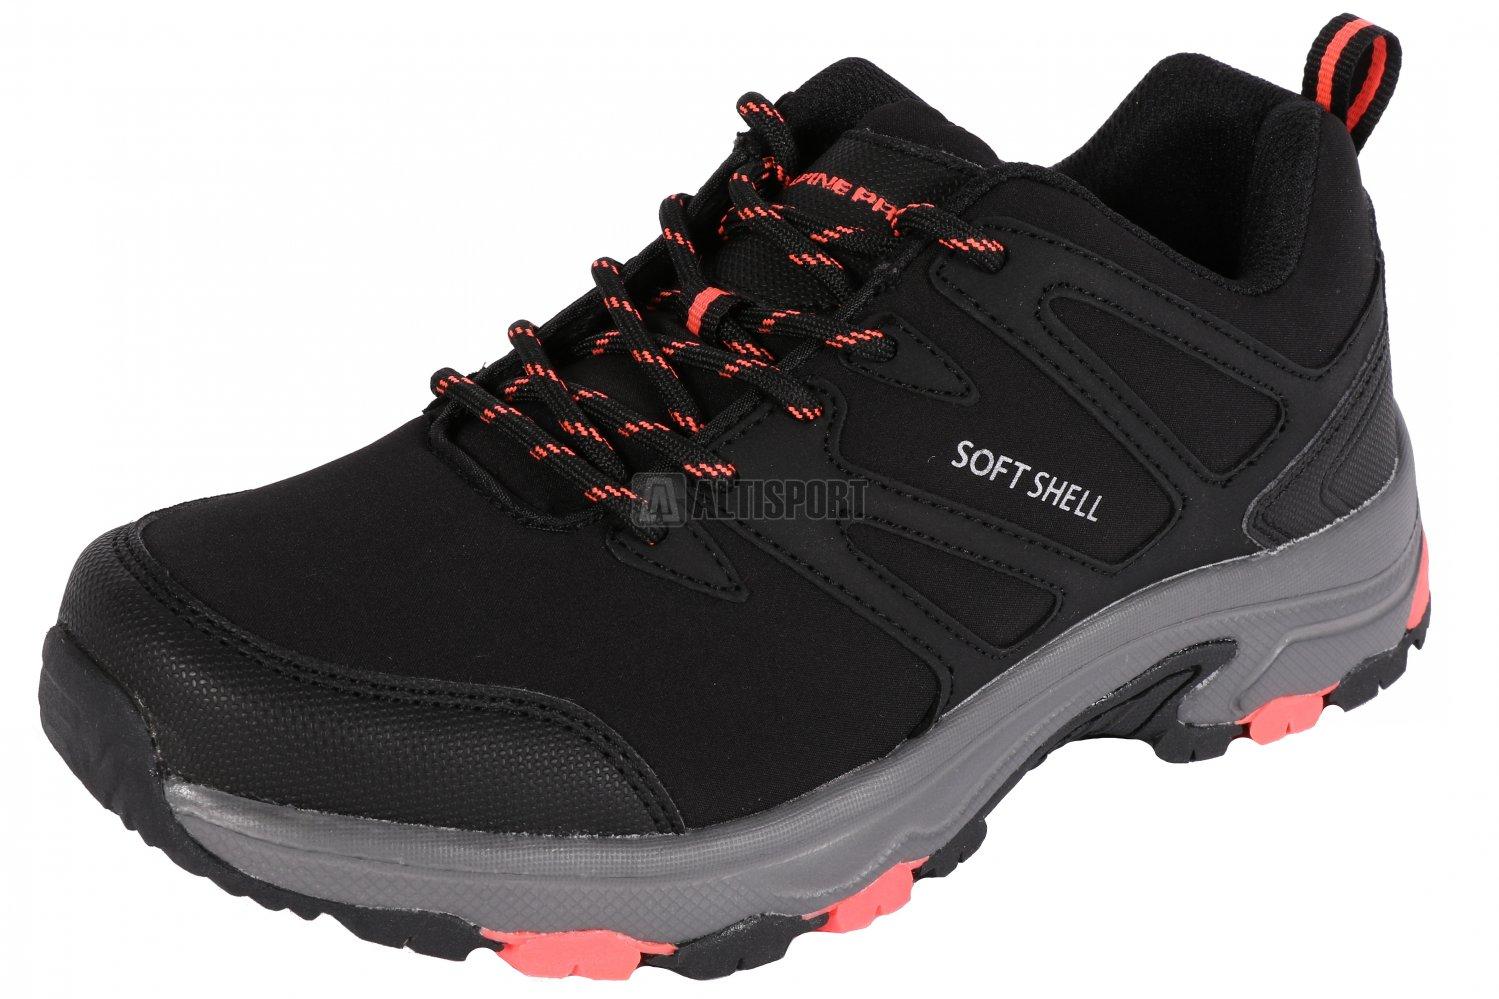 Dámská obuv ALPINE PRO LUBA LBTK153 ČERNÁ velikost  EU 36 (UK 3 5d1d4756752